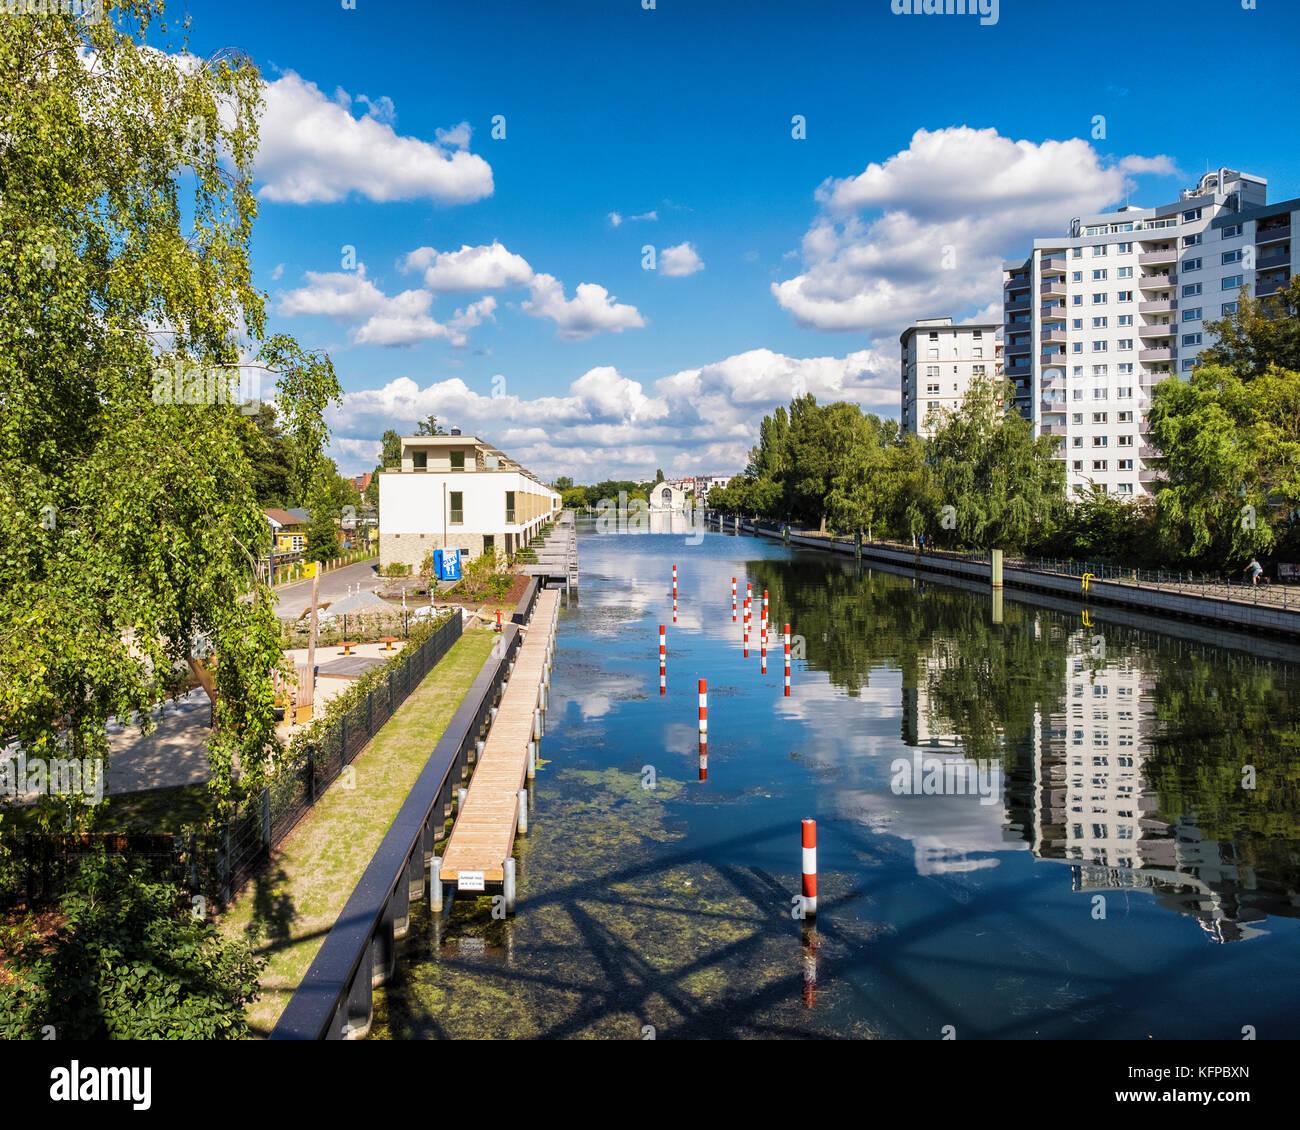 Dachterrassen Berlin berlin tegel tegeler see modernen luxus wohnungen mit